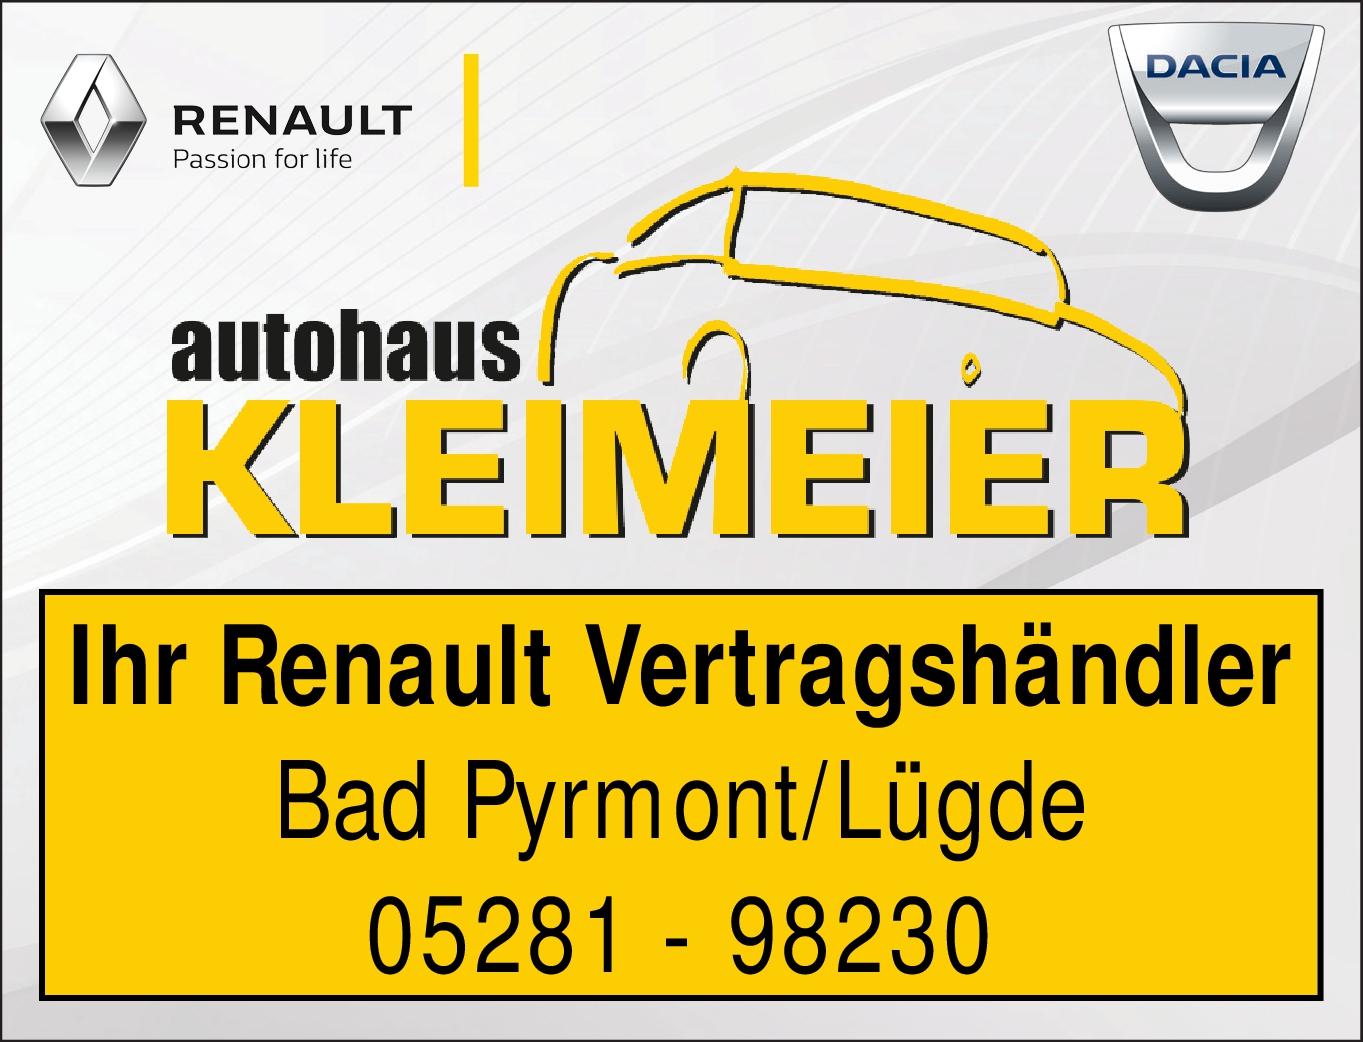 Autohaus Kleimeier